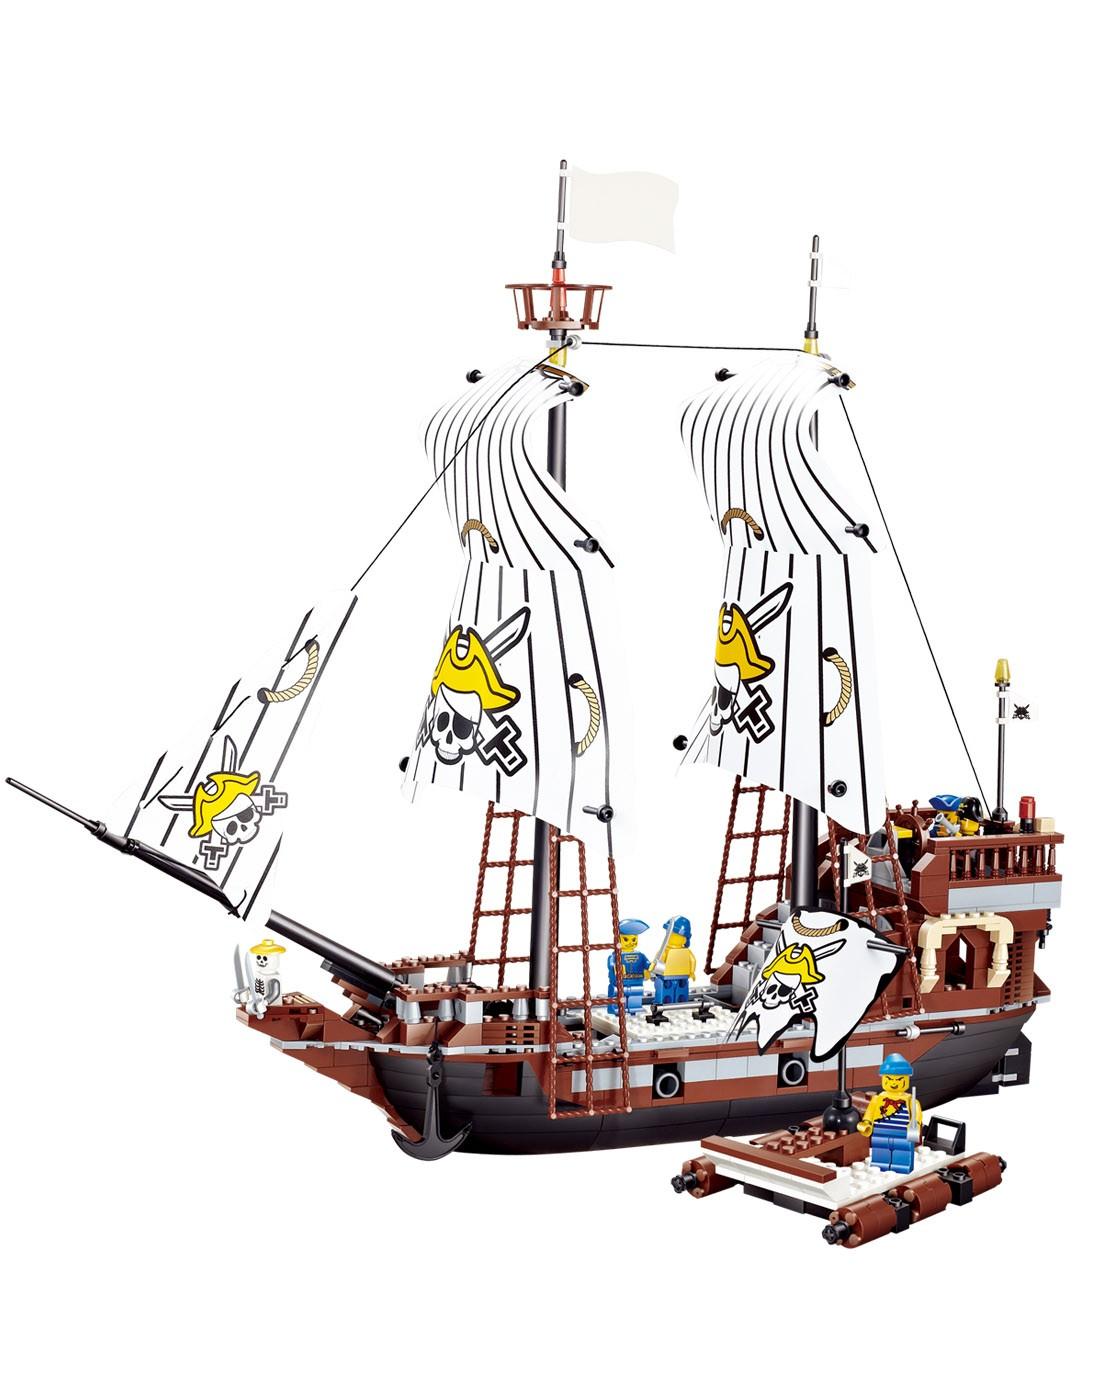 乐高式积木 海盗船黑珍珠号